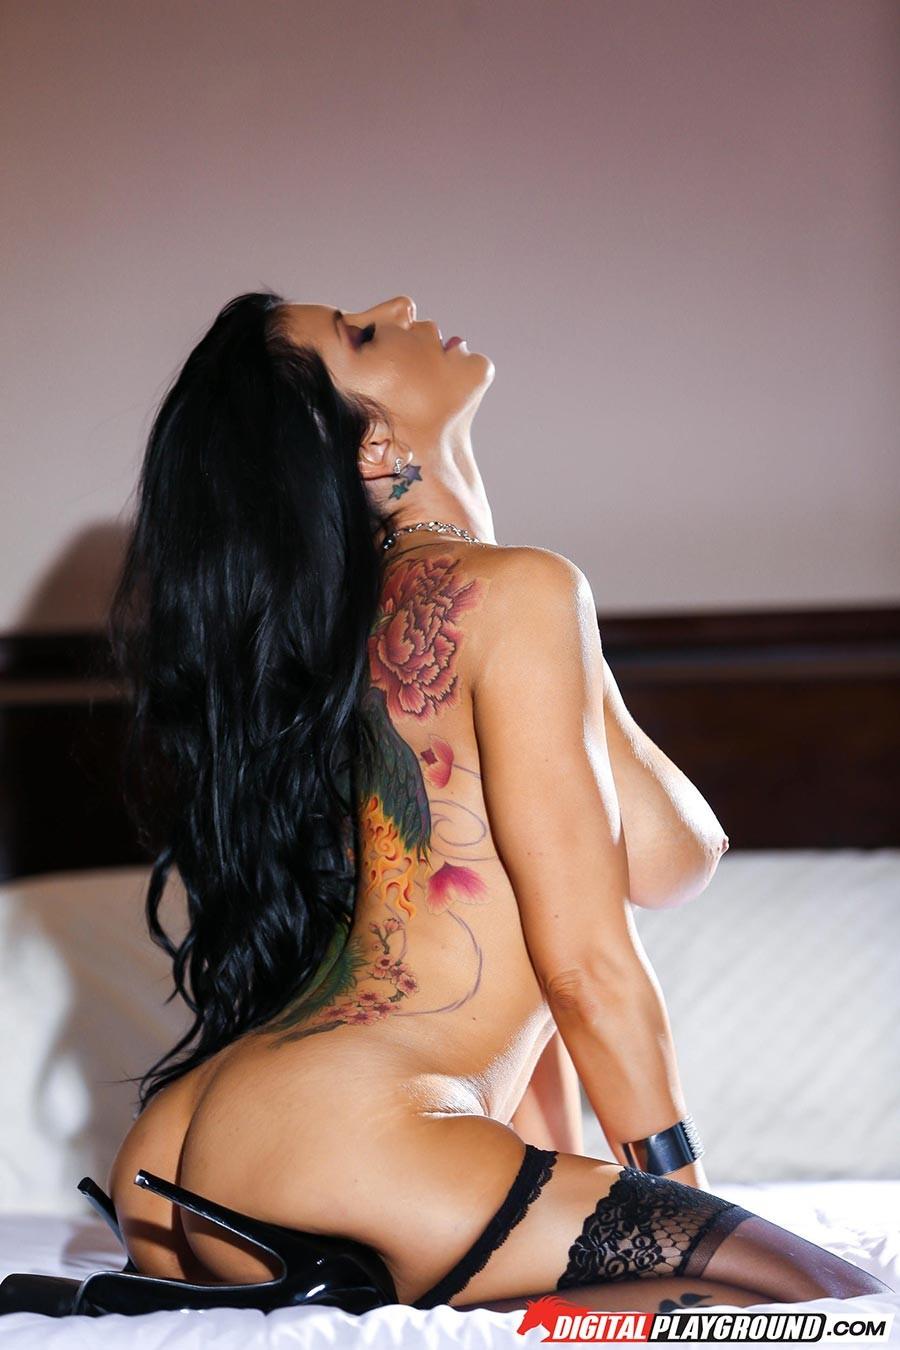 Роми Рэйн очень эротично показывает свою сексуальную фигуру, снимая с себя нижнее белье